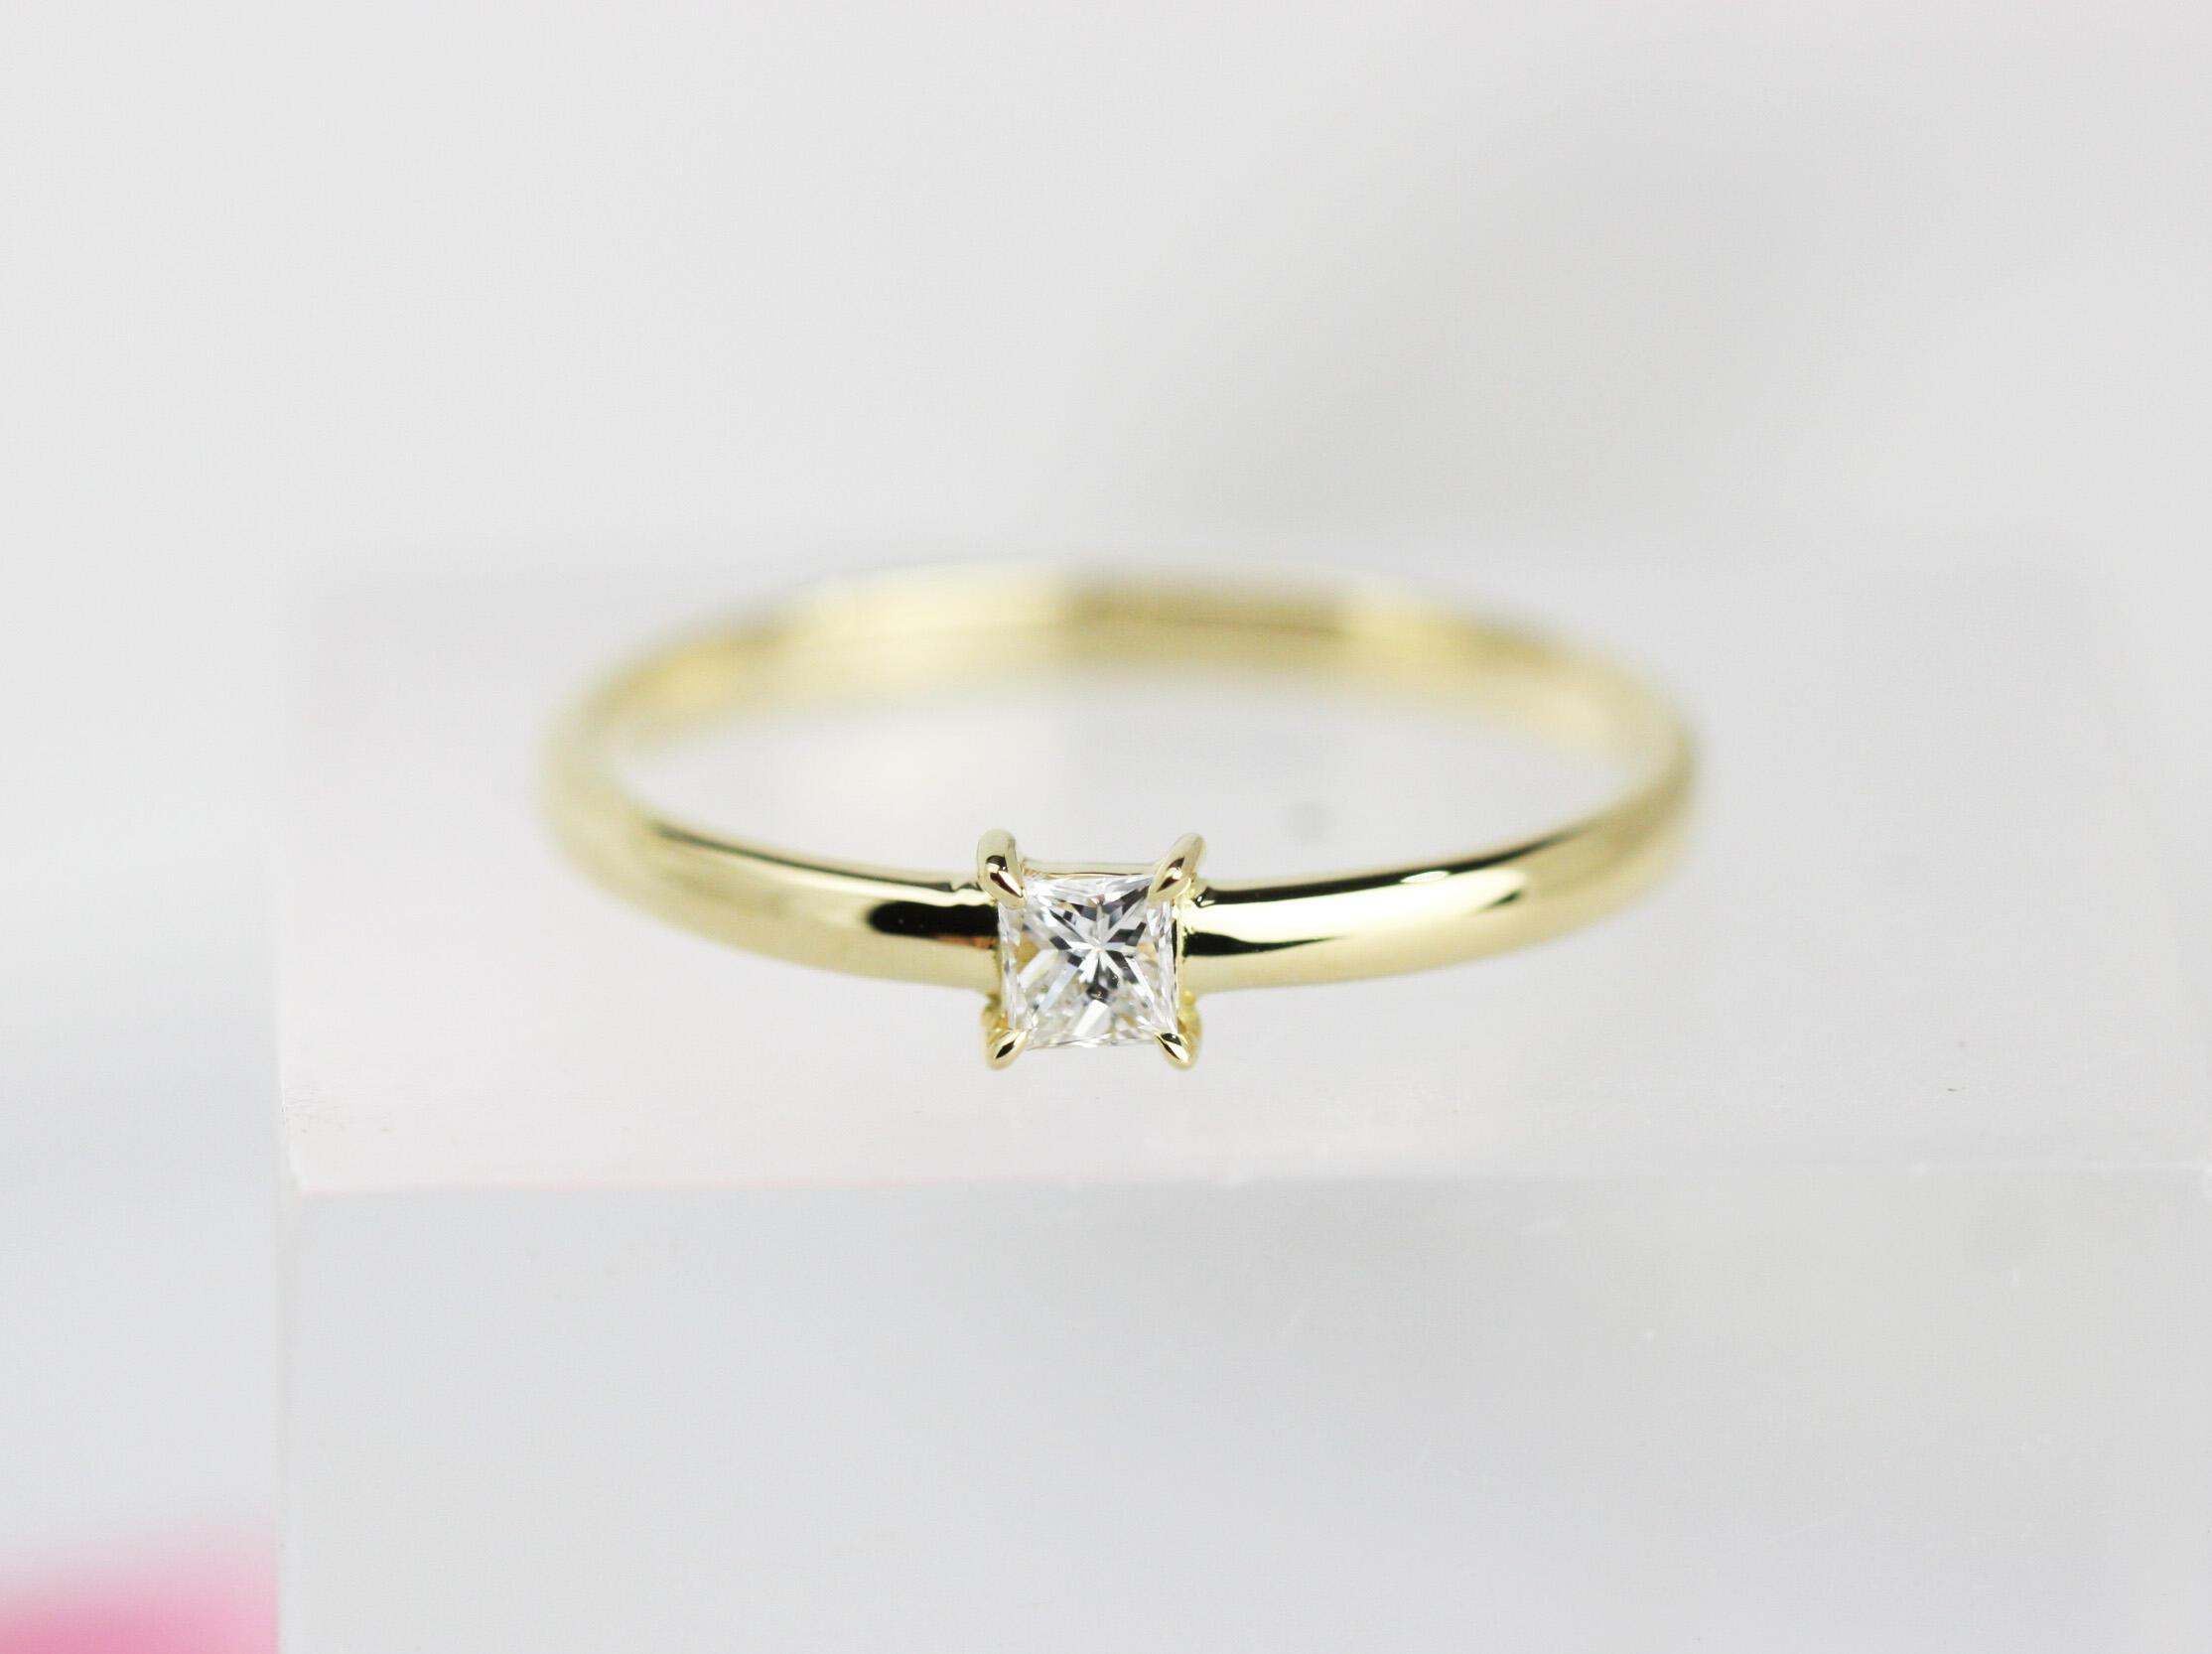 K18枠プリンセスカット0.16 ctダイヤモンドリング